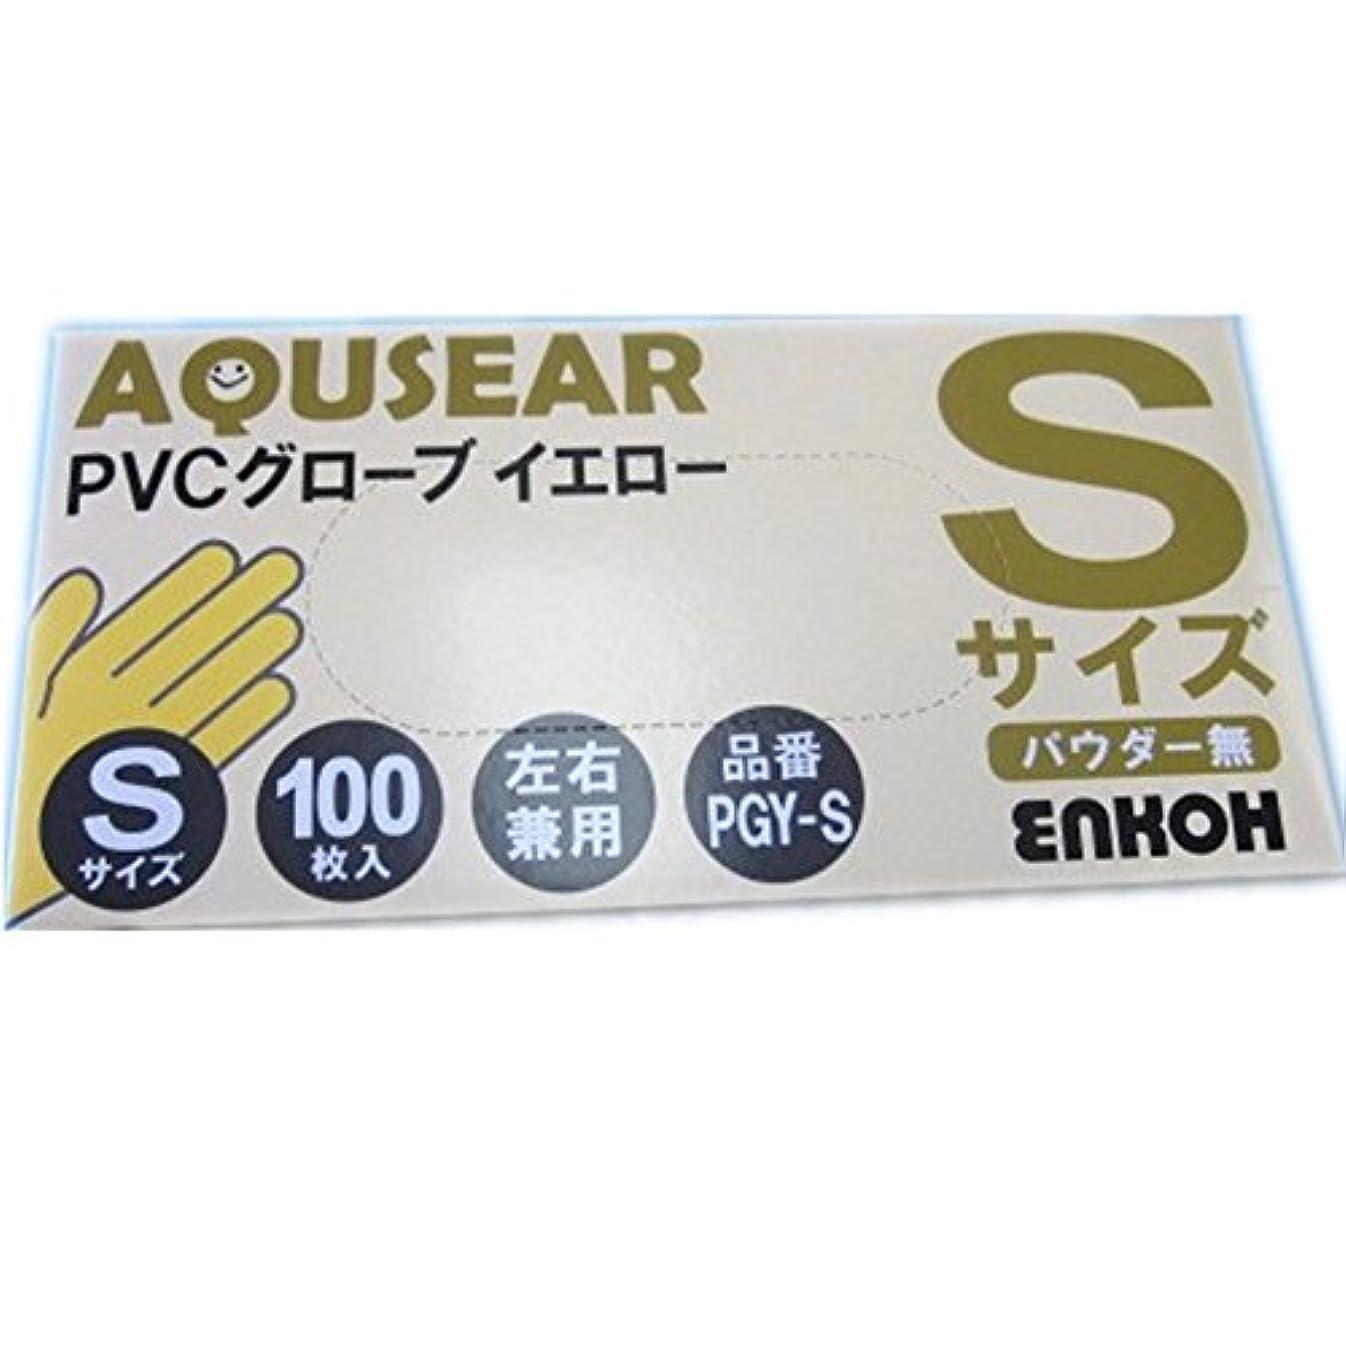 炭水化物直接識別AQUSEAR PVC プラスチックグローブ イエロー 弾性 Sサイズ パウダー無 PGY-S 100枚×20箱